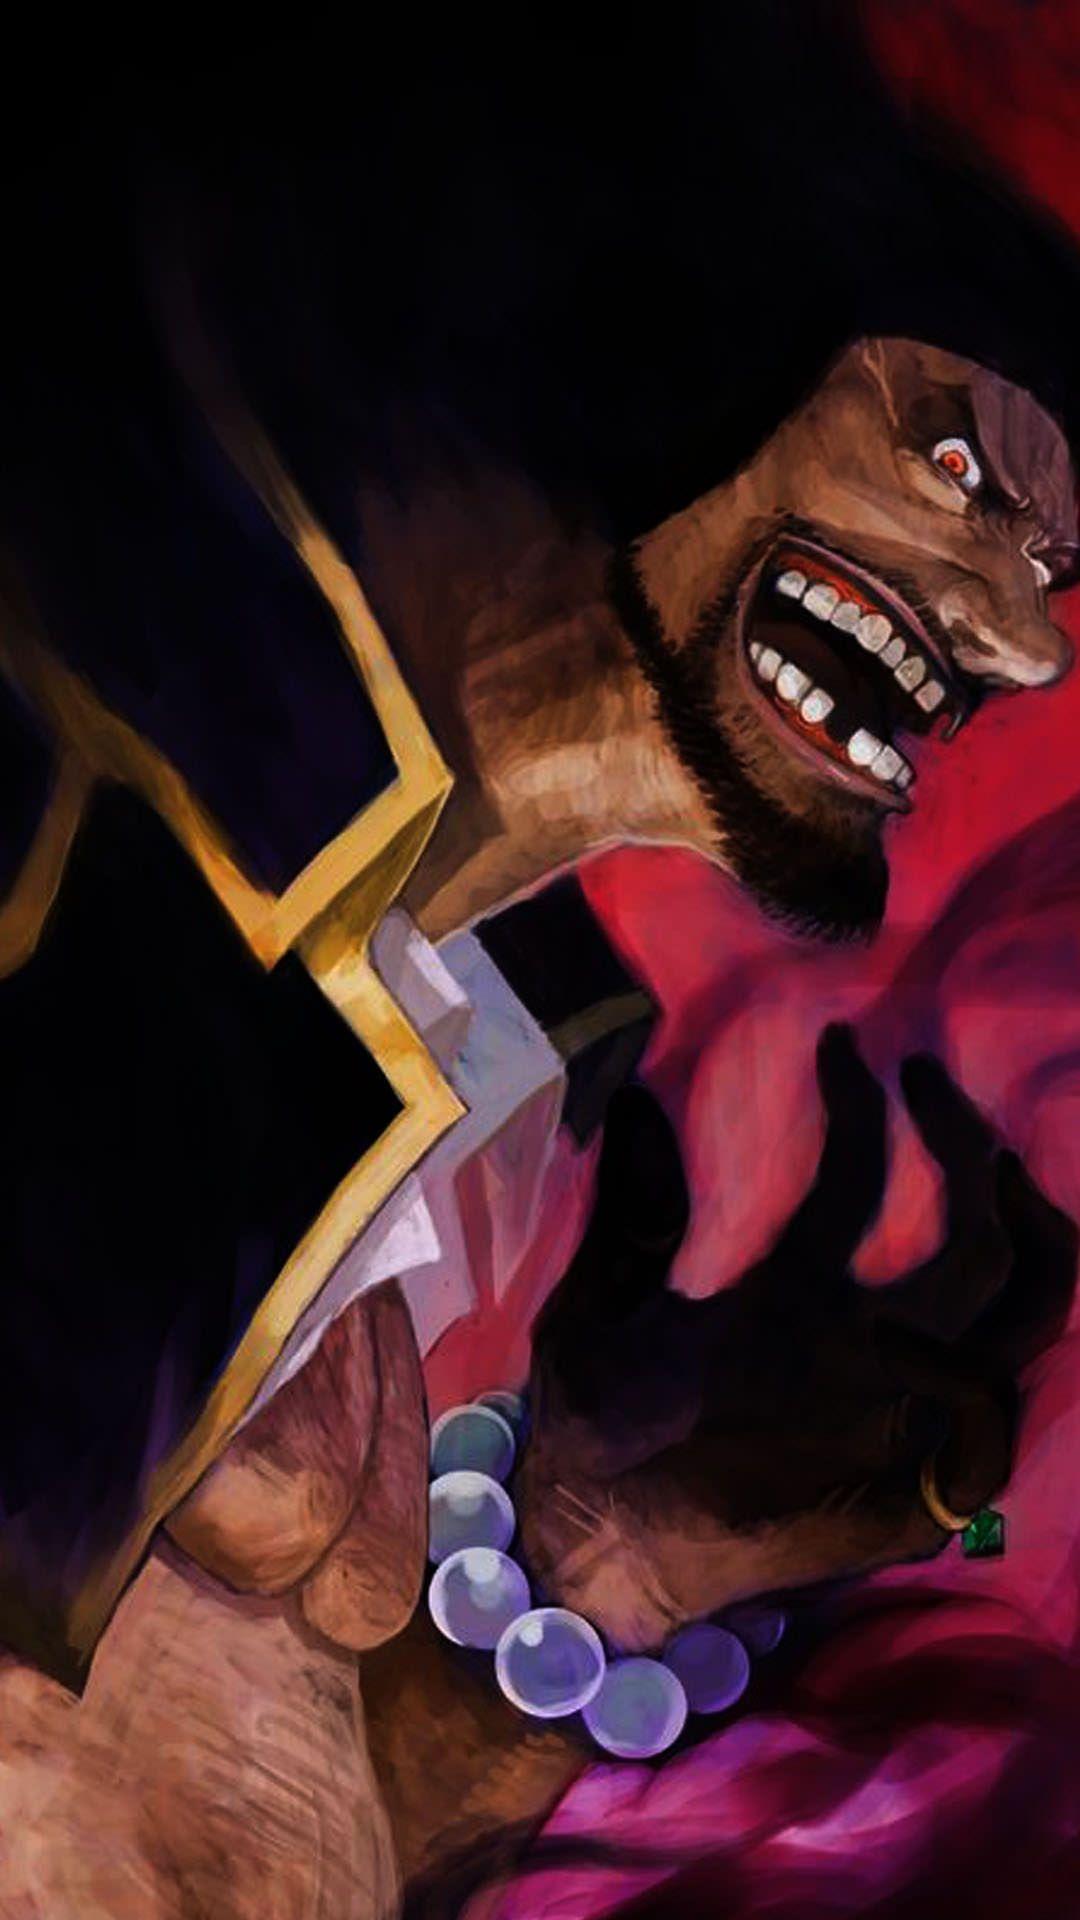 Blackbeard wallpaper 1 | Anime, Blackbeard, One piece